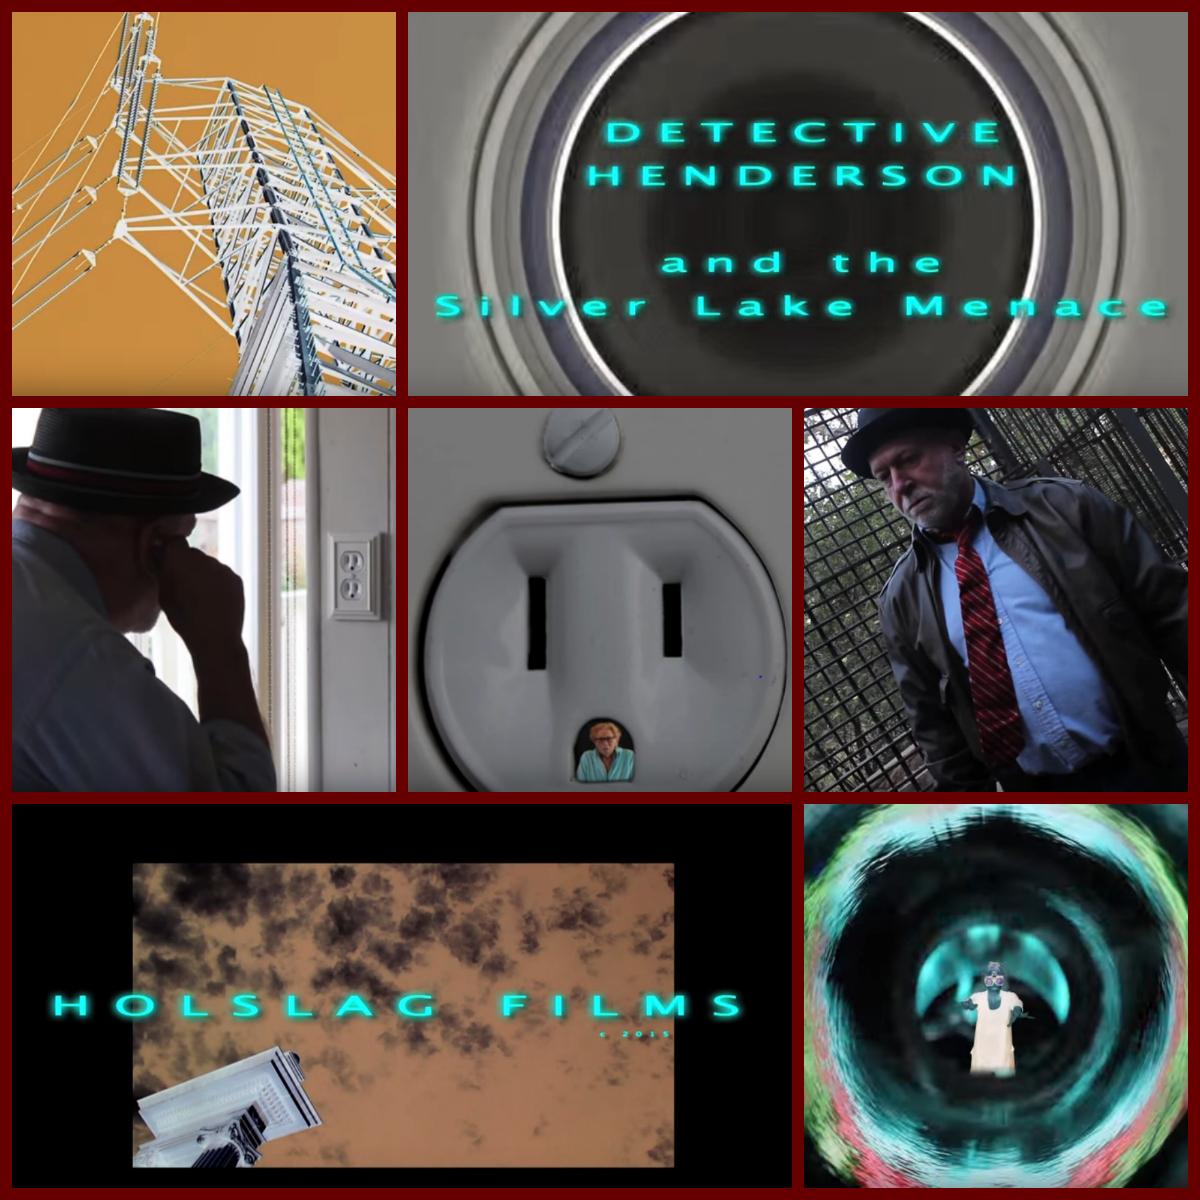 Detective Henderson